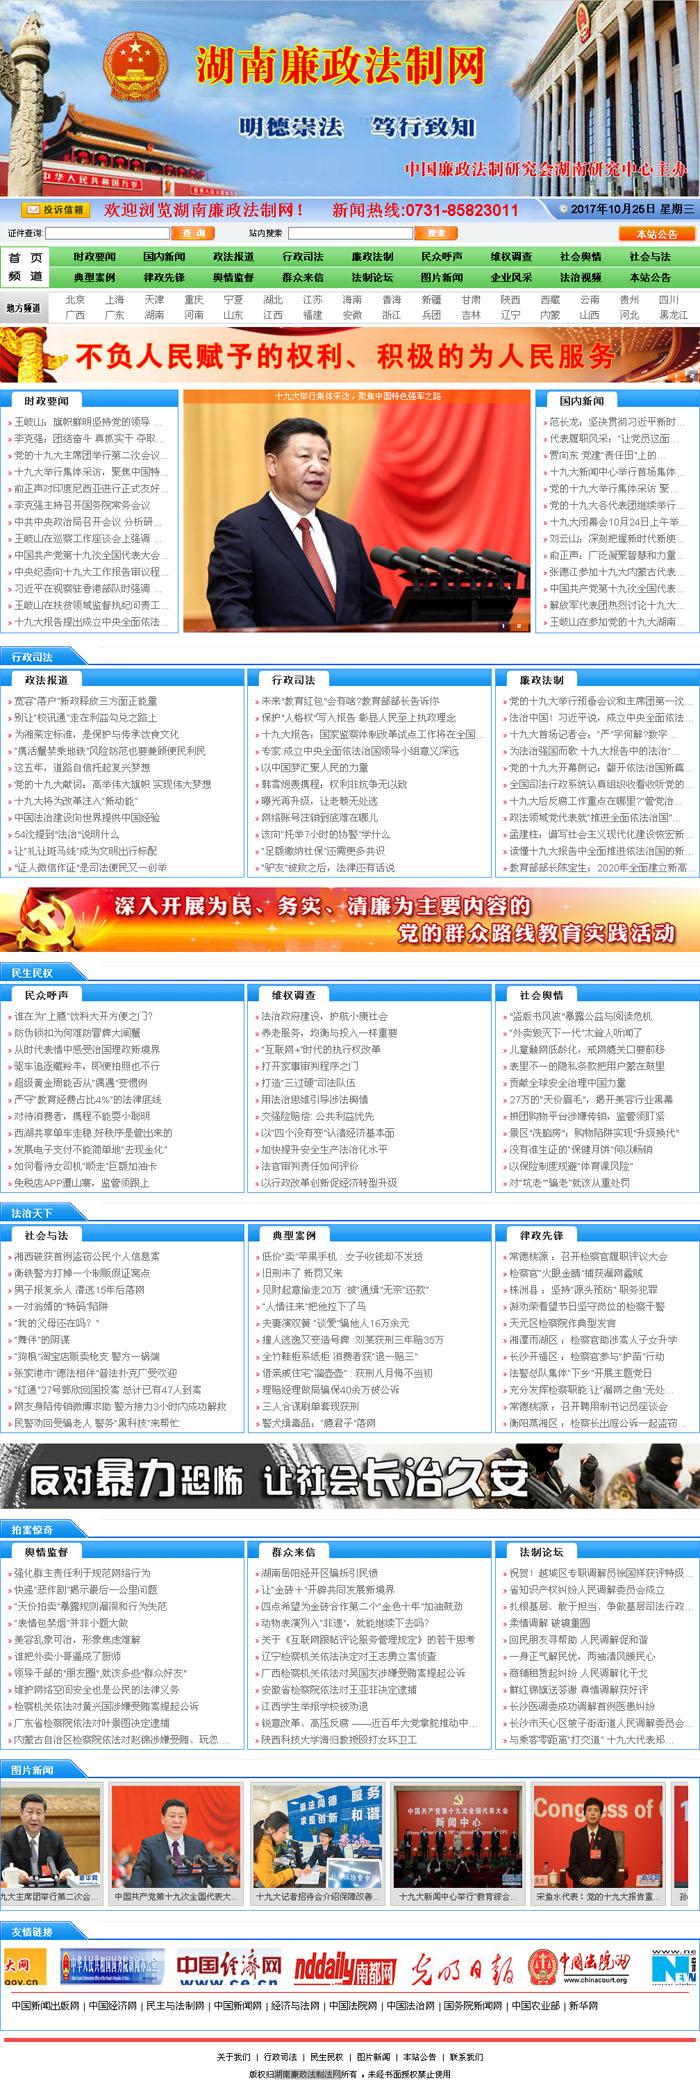 湖南廉政法制网网站效果图